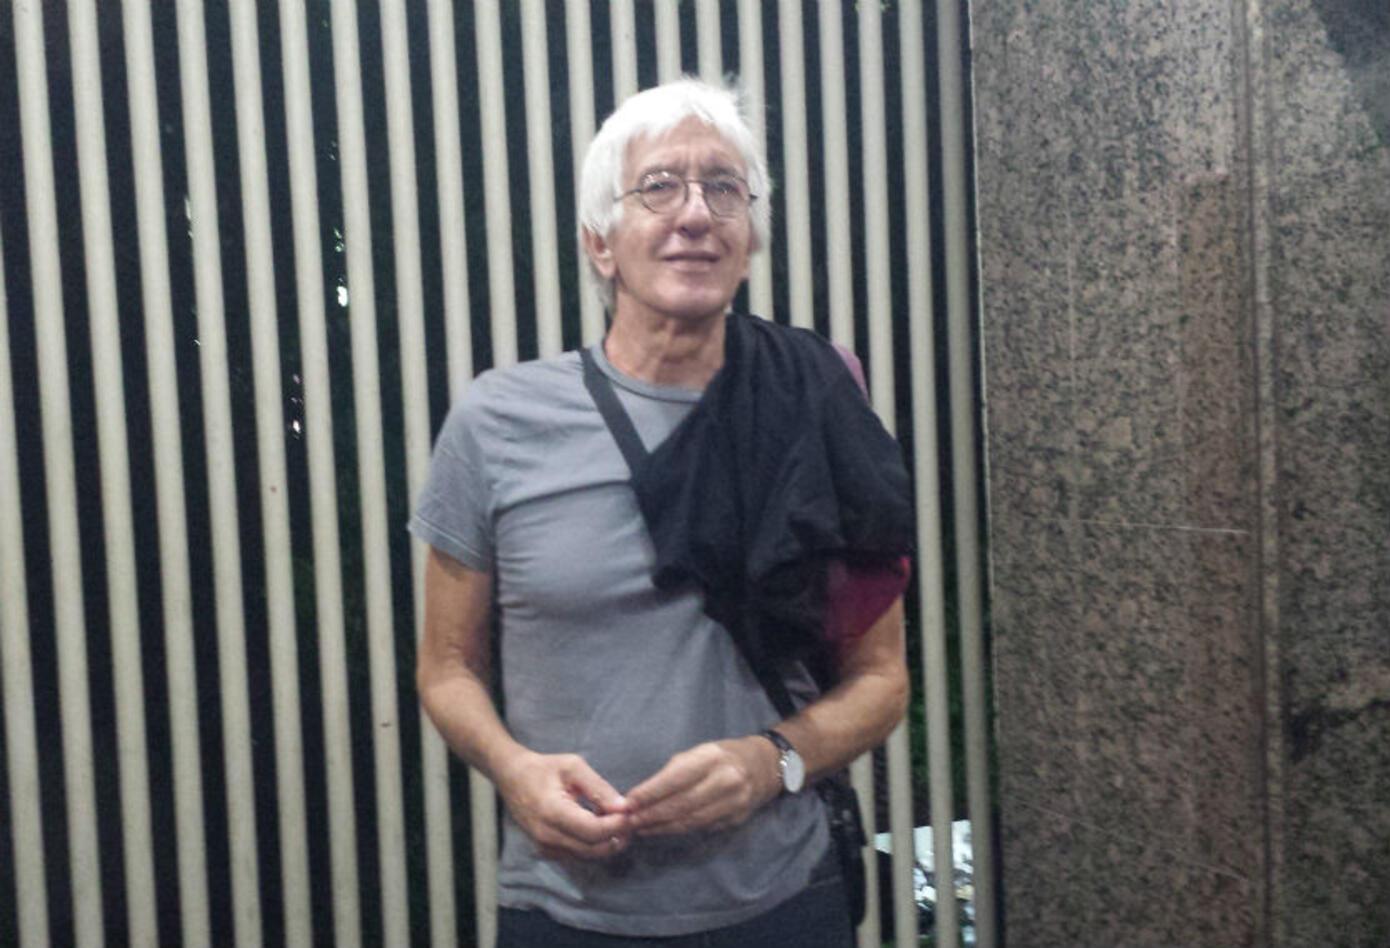 El experimentado Henrique Lazo destaca la versatilidad del artista venezolano frente a las adversidades